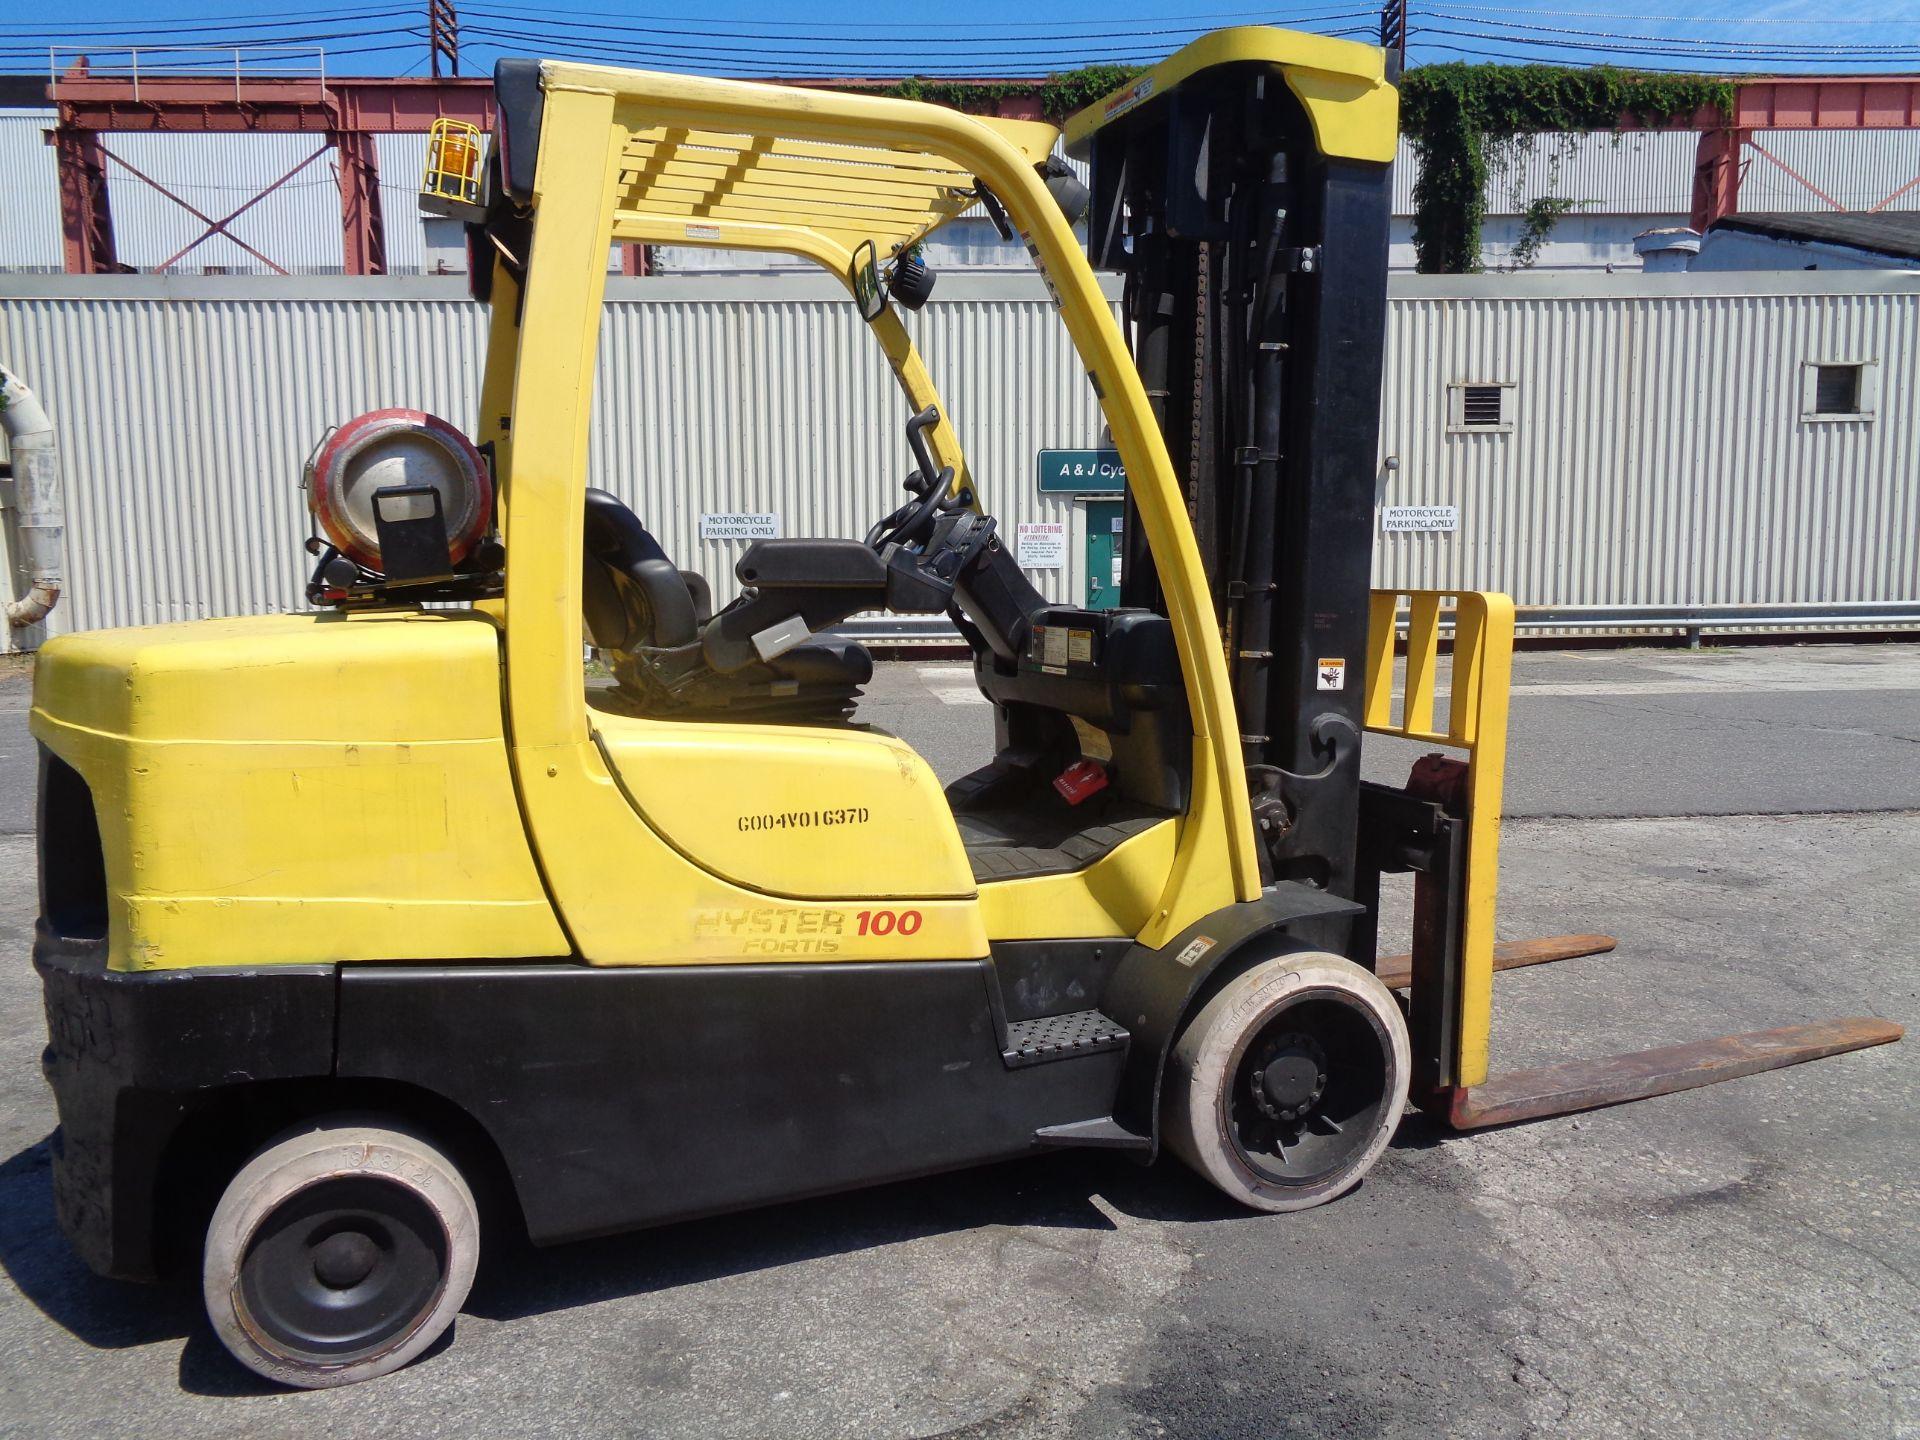 Hyster S100FT 10,000lb Forklift - Image 9 of 17